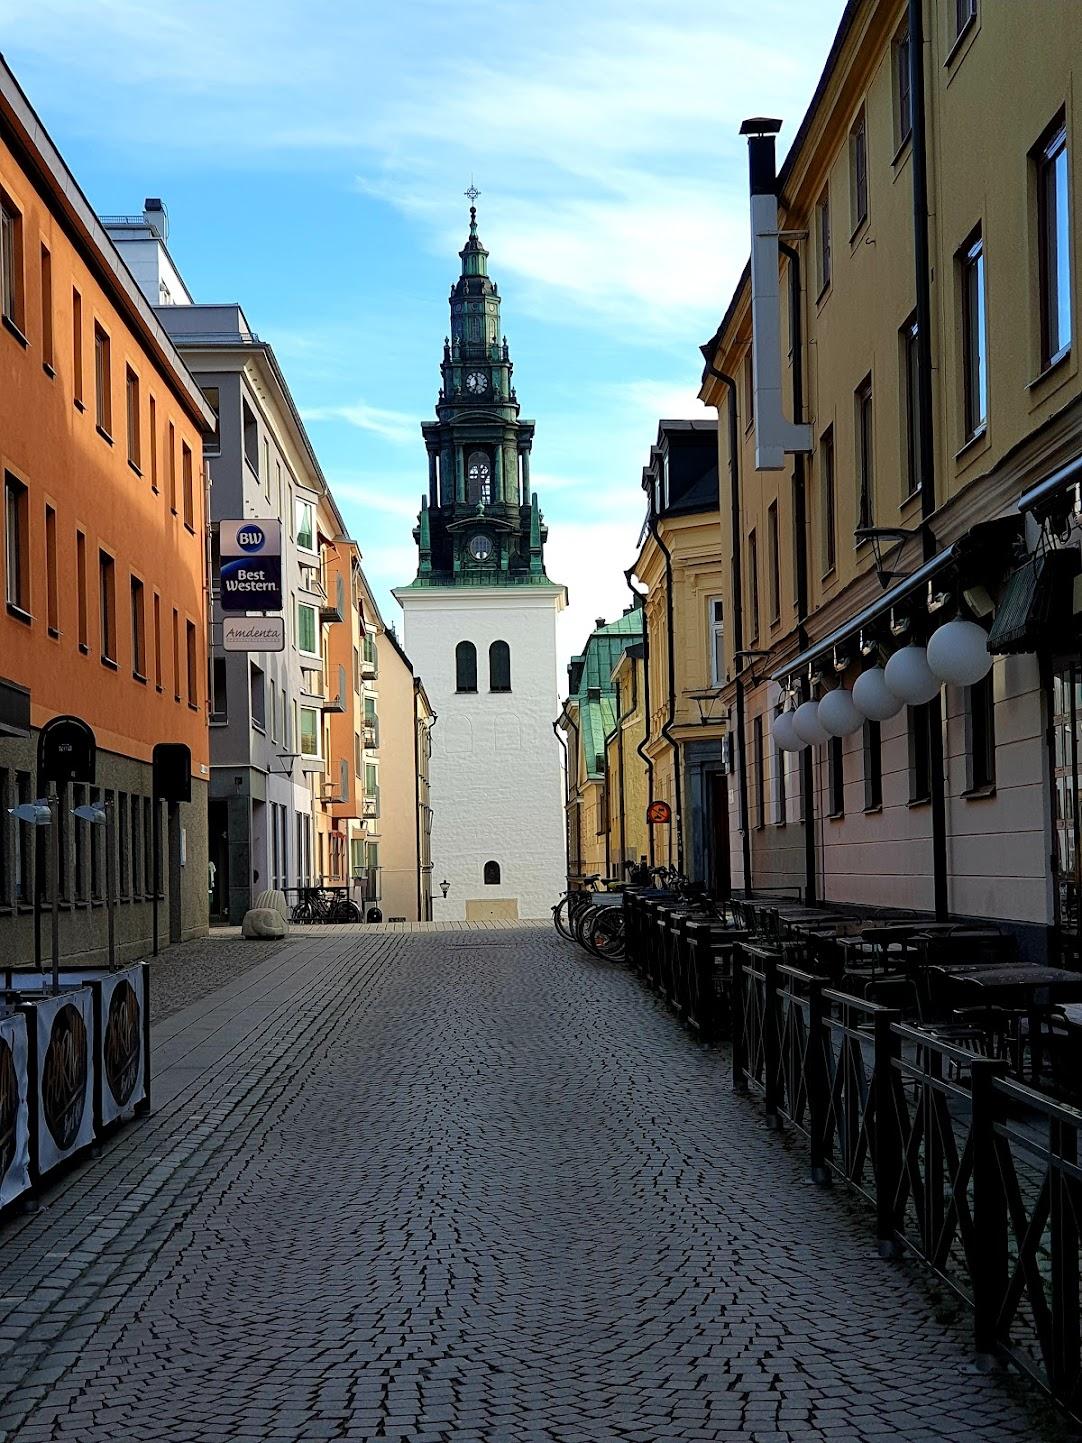 Rydstider, öppettider i Ryd och Linköping